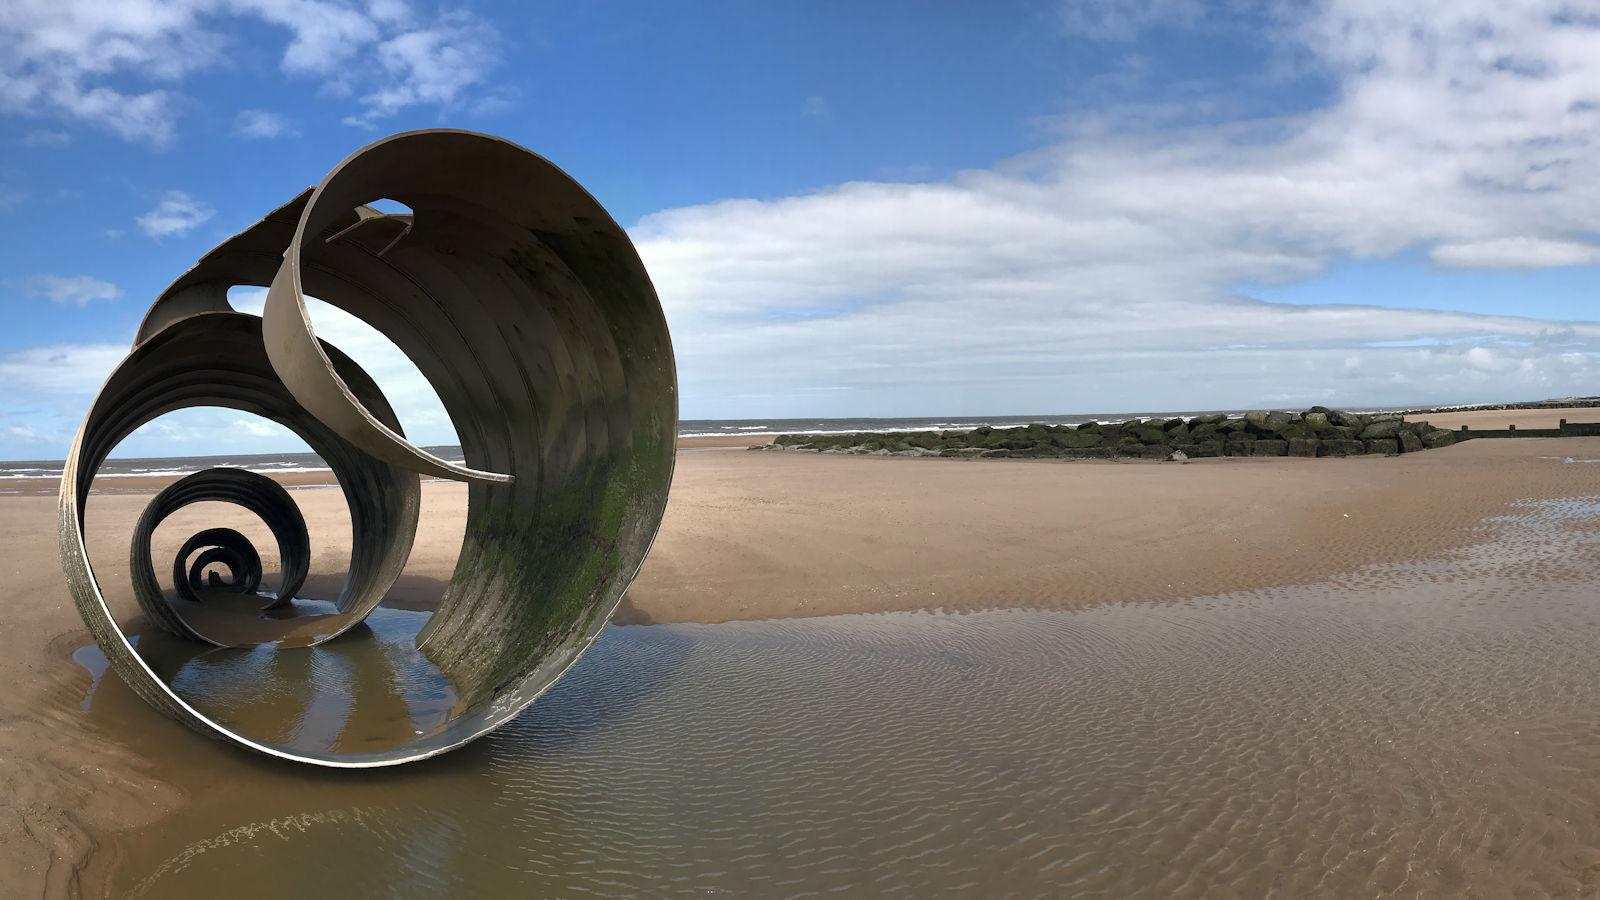 Mary's Shell, Cleveleys beach.